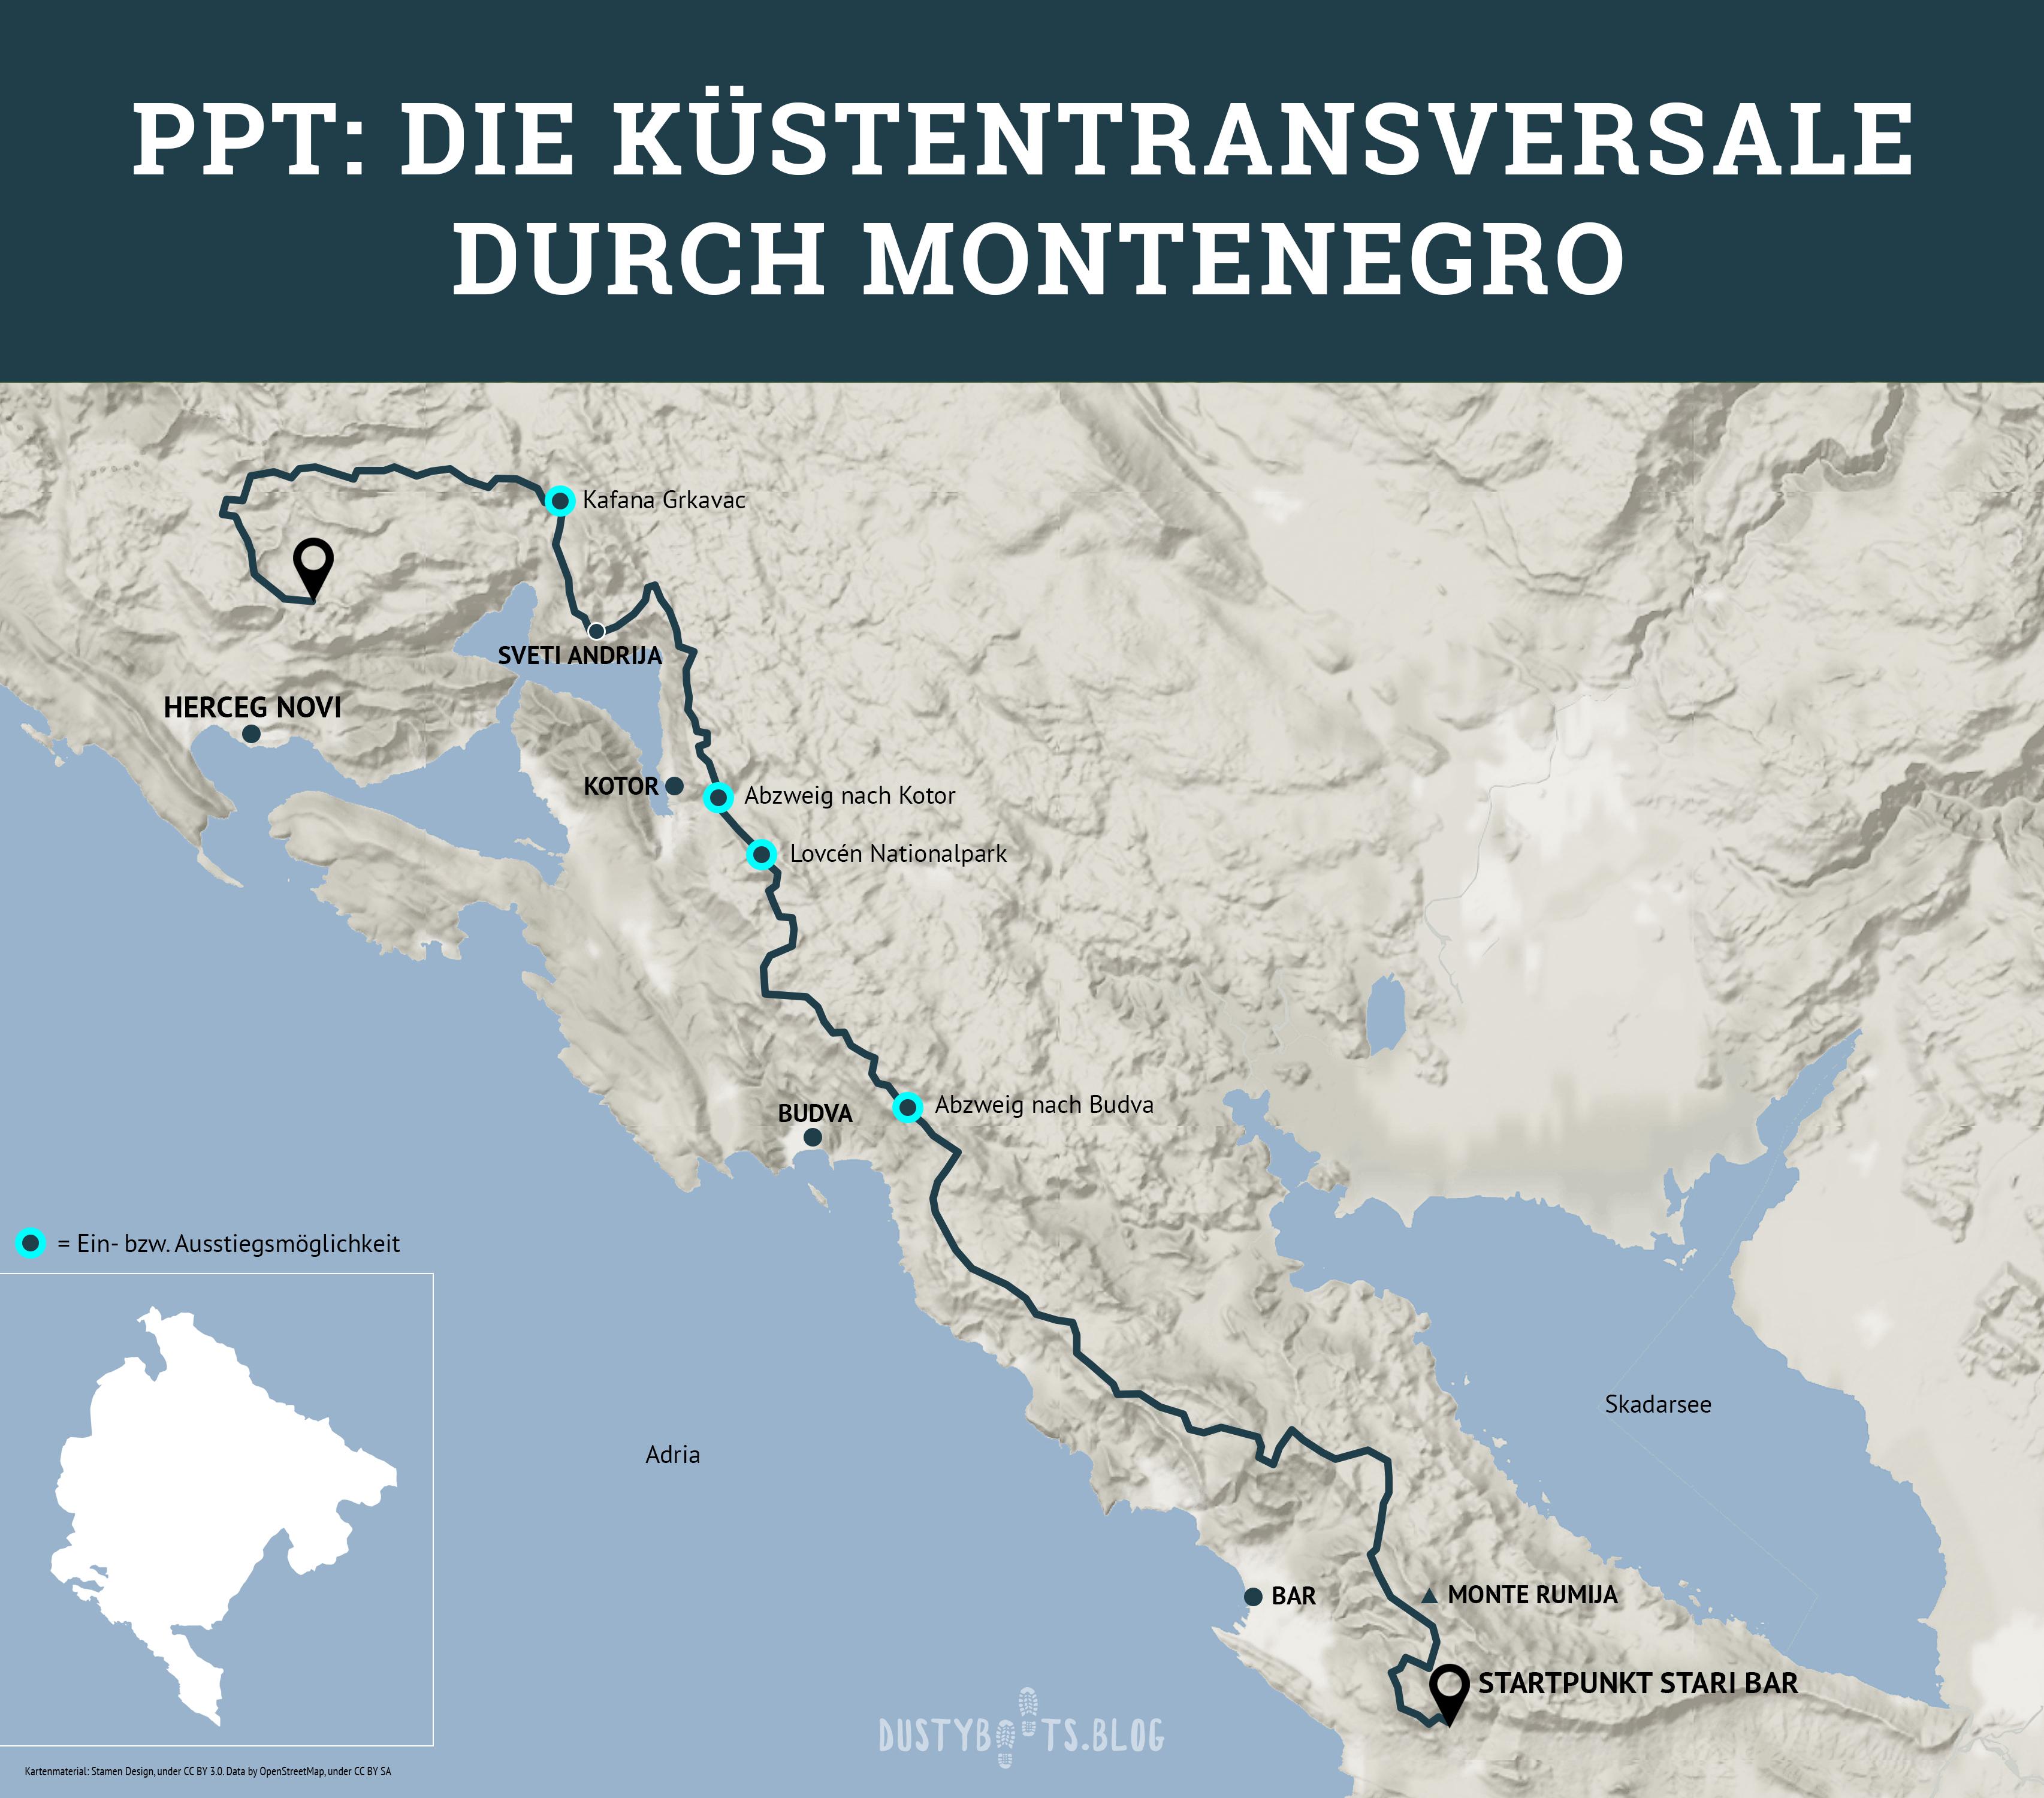 Montenegro PPT Überblickskarte